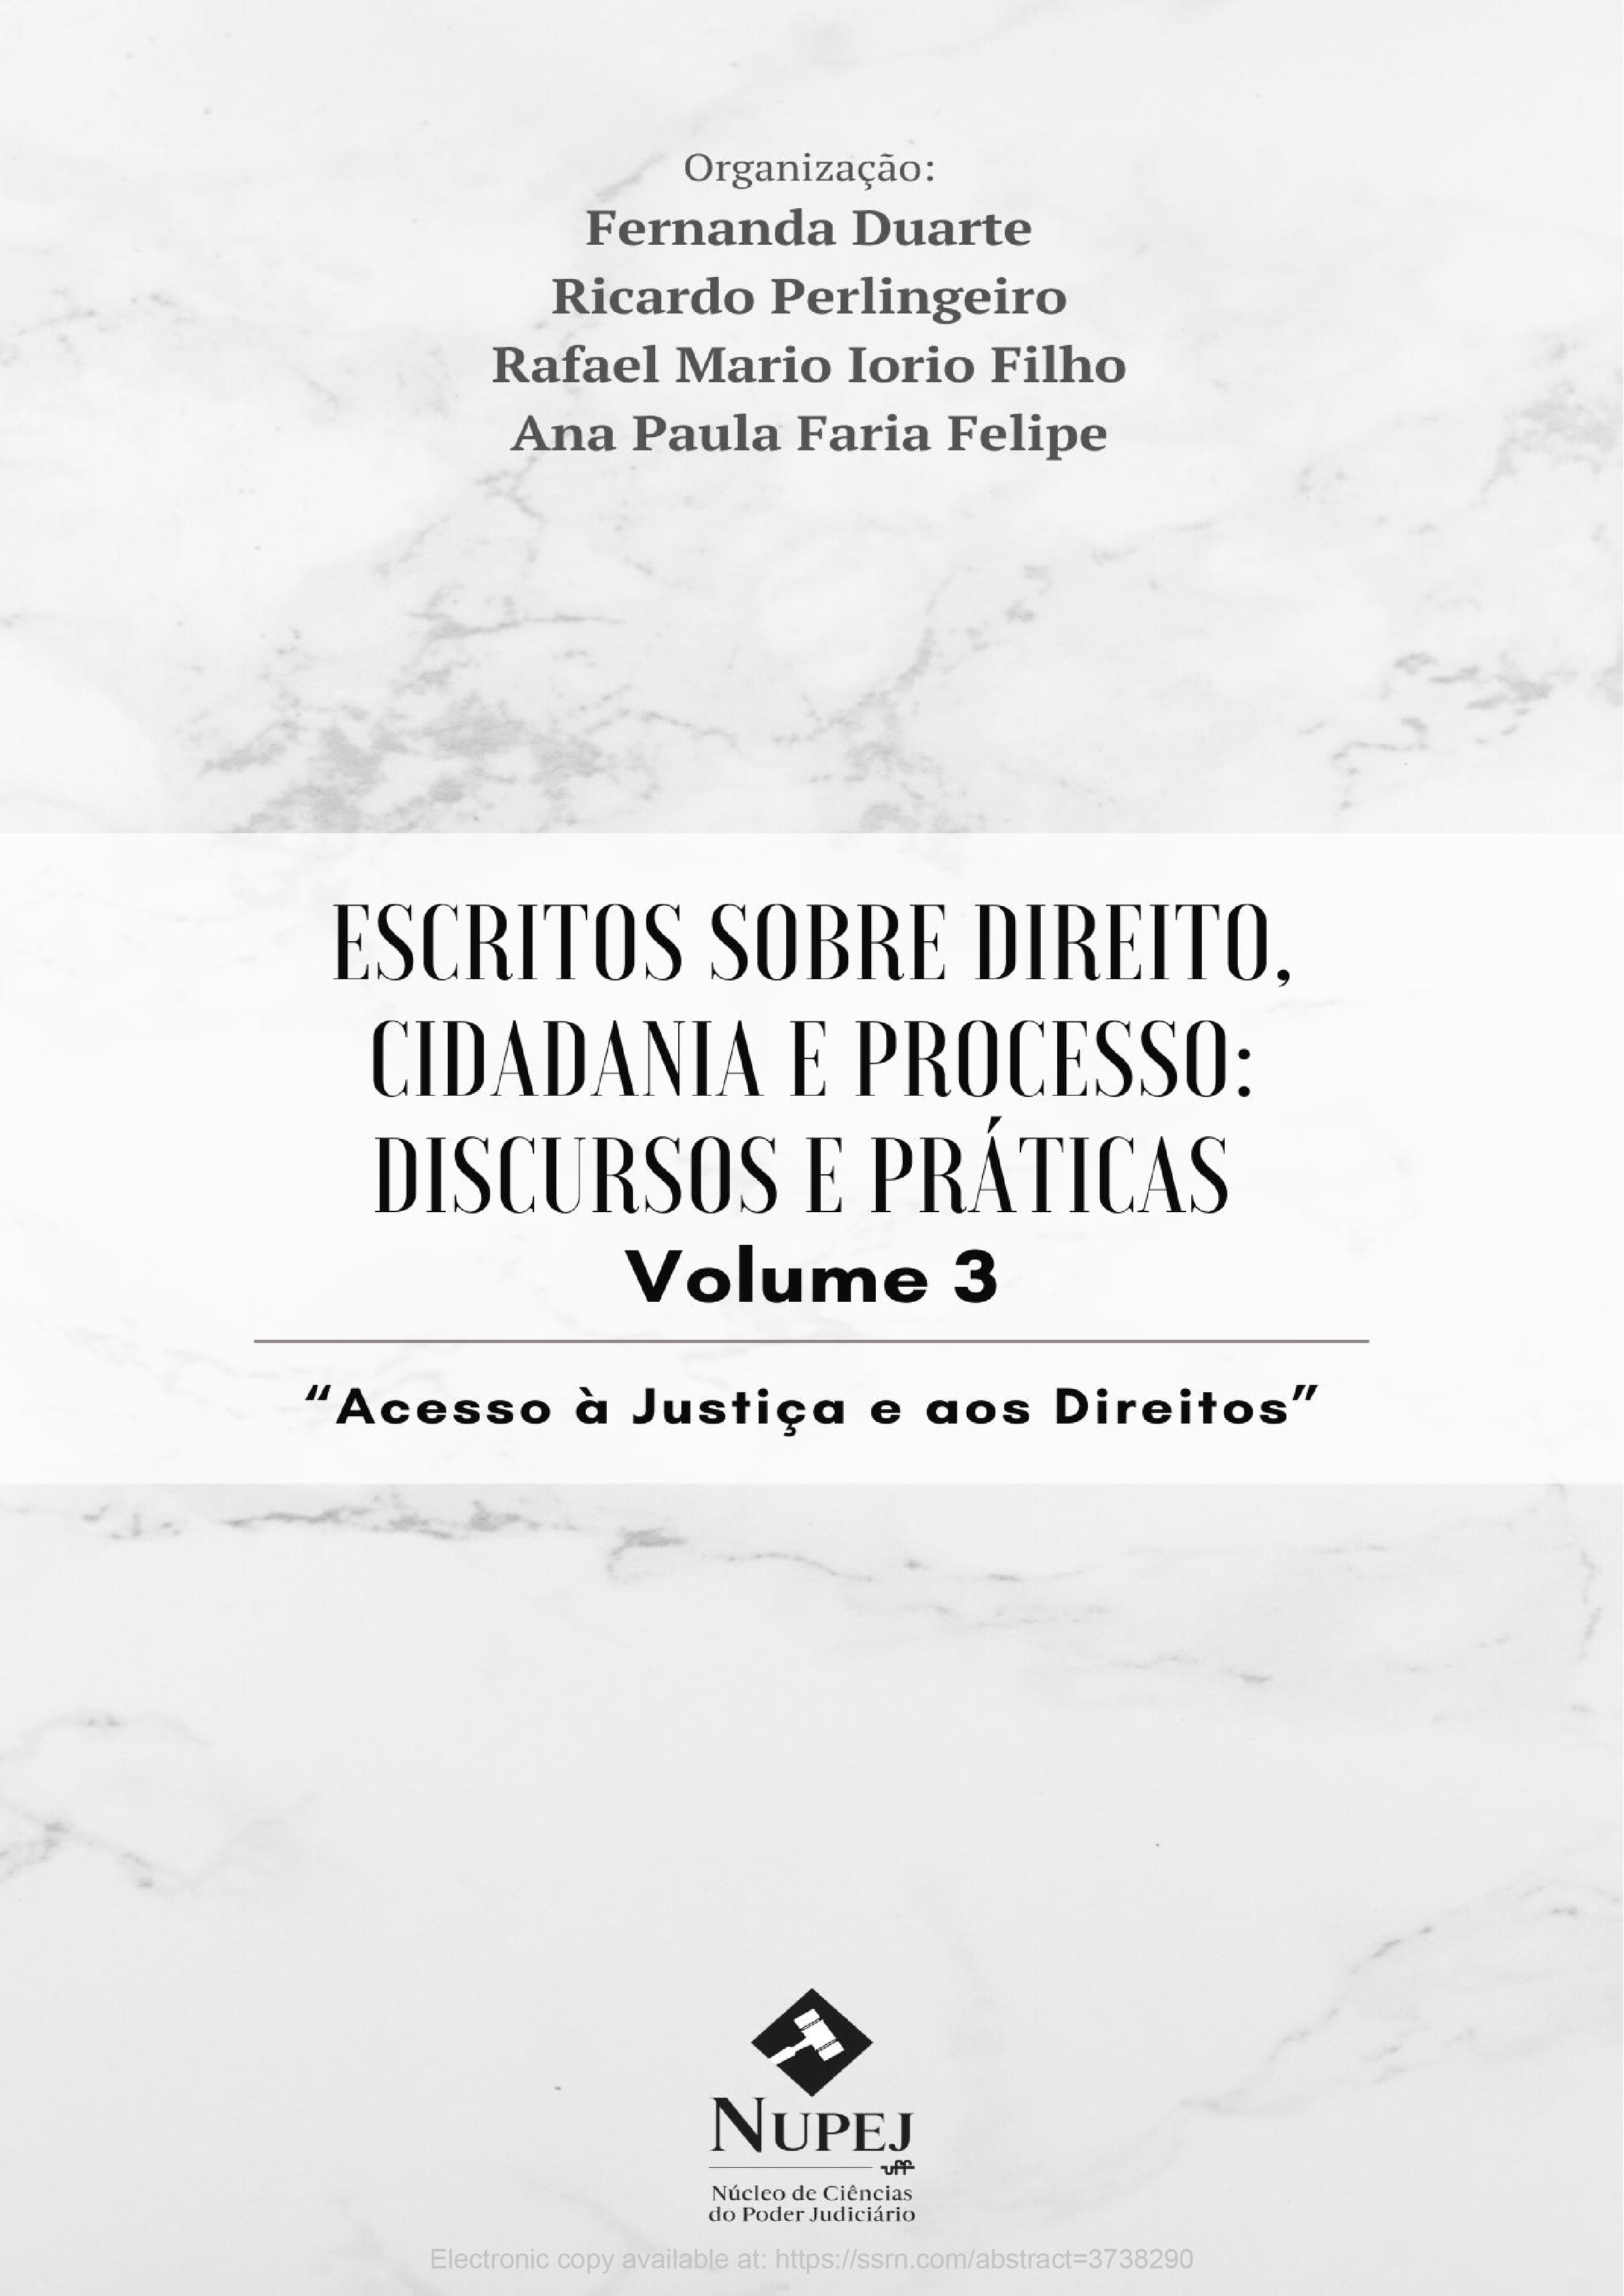 """Escritos Sobre Direito, Cidadania E Processo: Discursos E Práticas Volume 3 """"Acesso à Justiça e aos Direitos"""""""